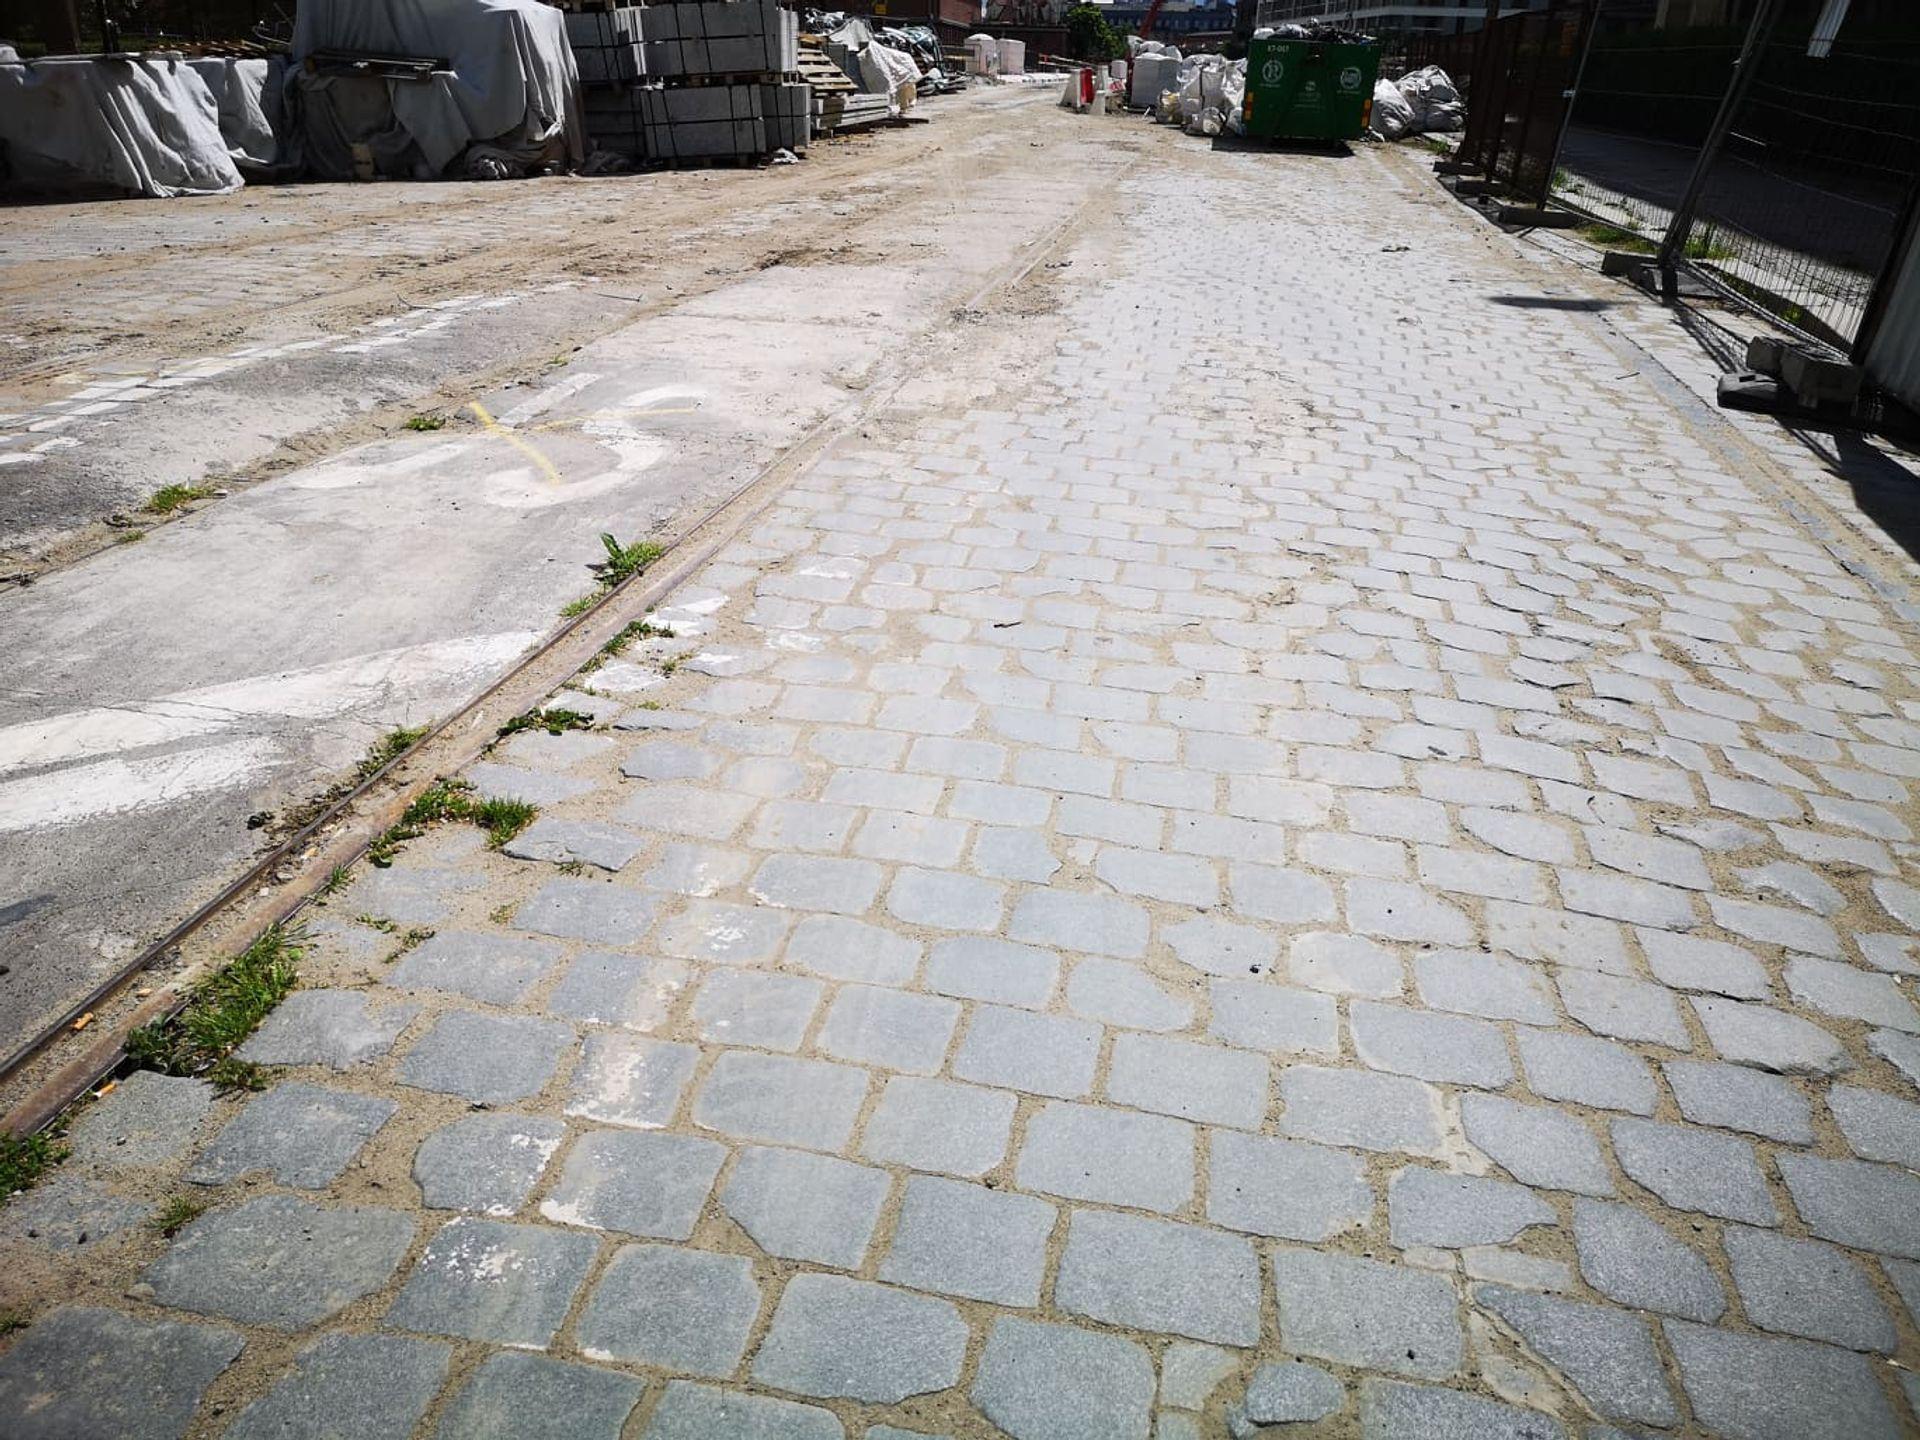 Rozstrzygnięto przetarg na przebudowę pierwszego fragmentu ulicy Pomorskiej we Wrocławiu